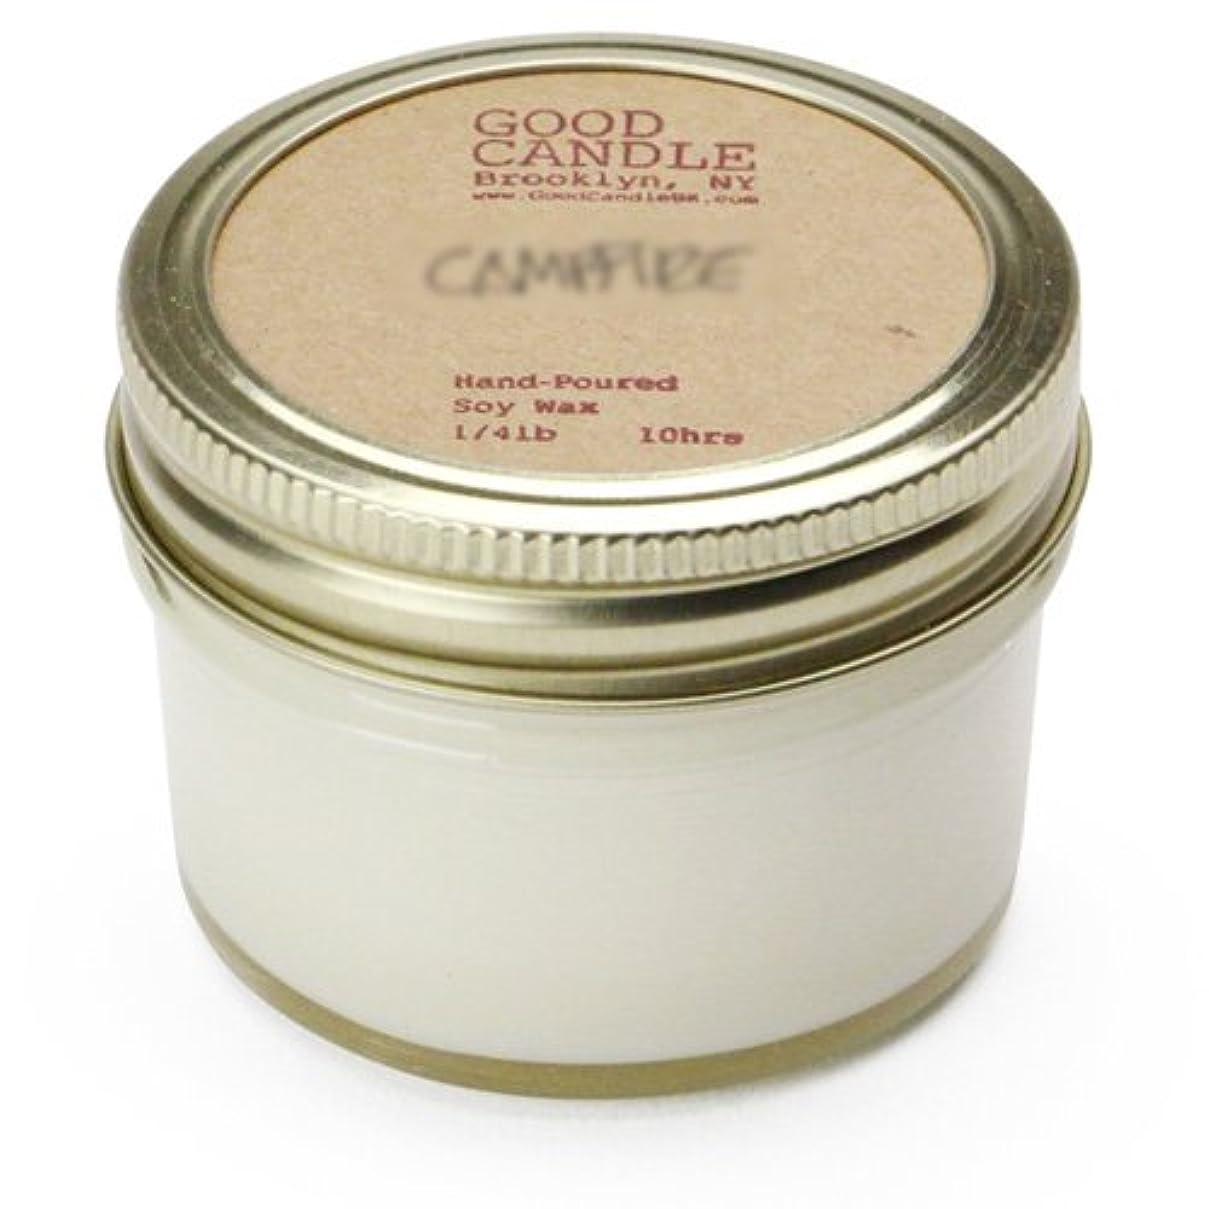 浜辺シソーラス野なグッドキャンドル 1/4ポンド ゼリージャー キャンドル Good Candle 1/4LB Jelly jar candle [ Basil ] 正規品